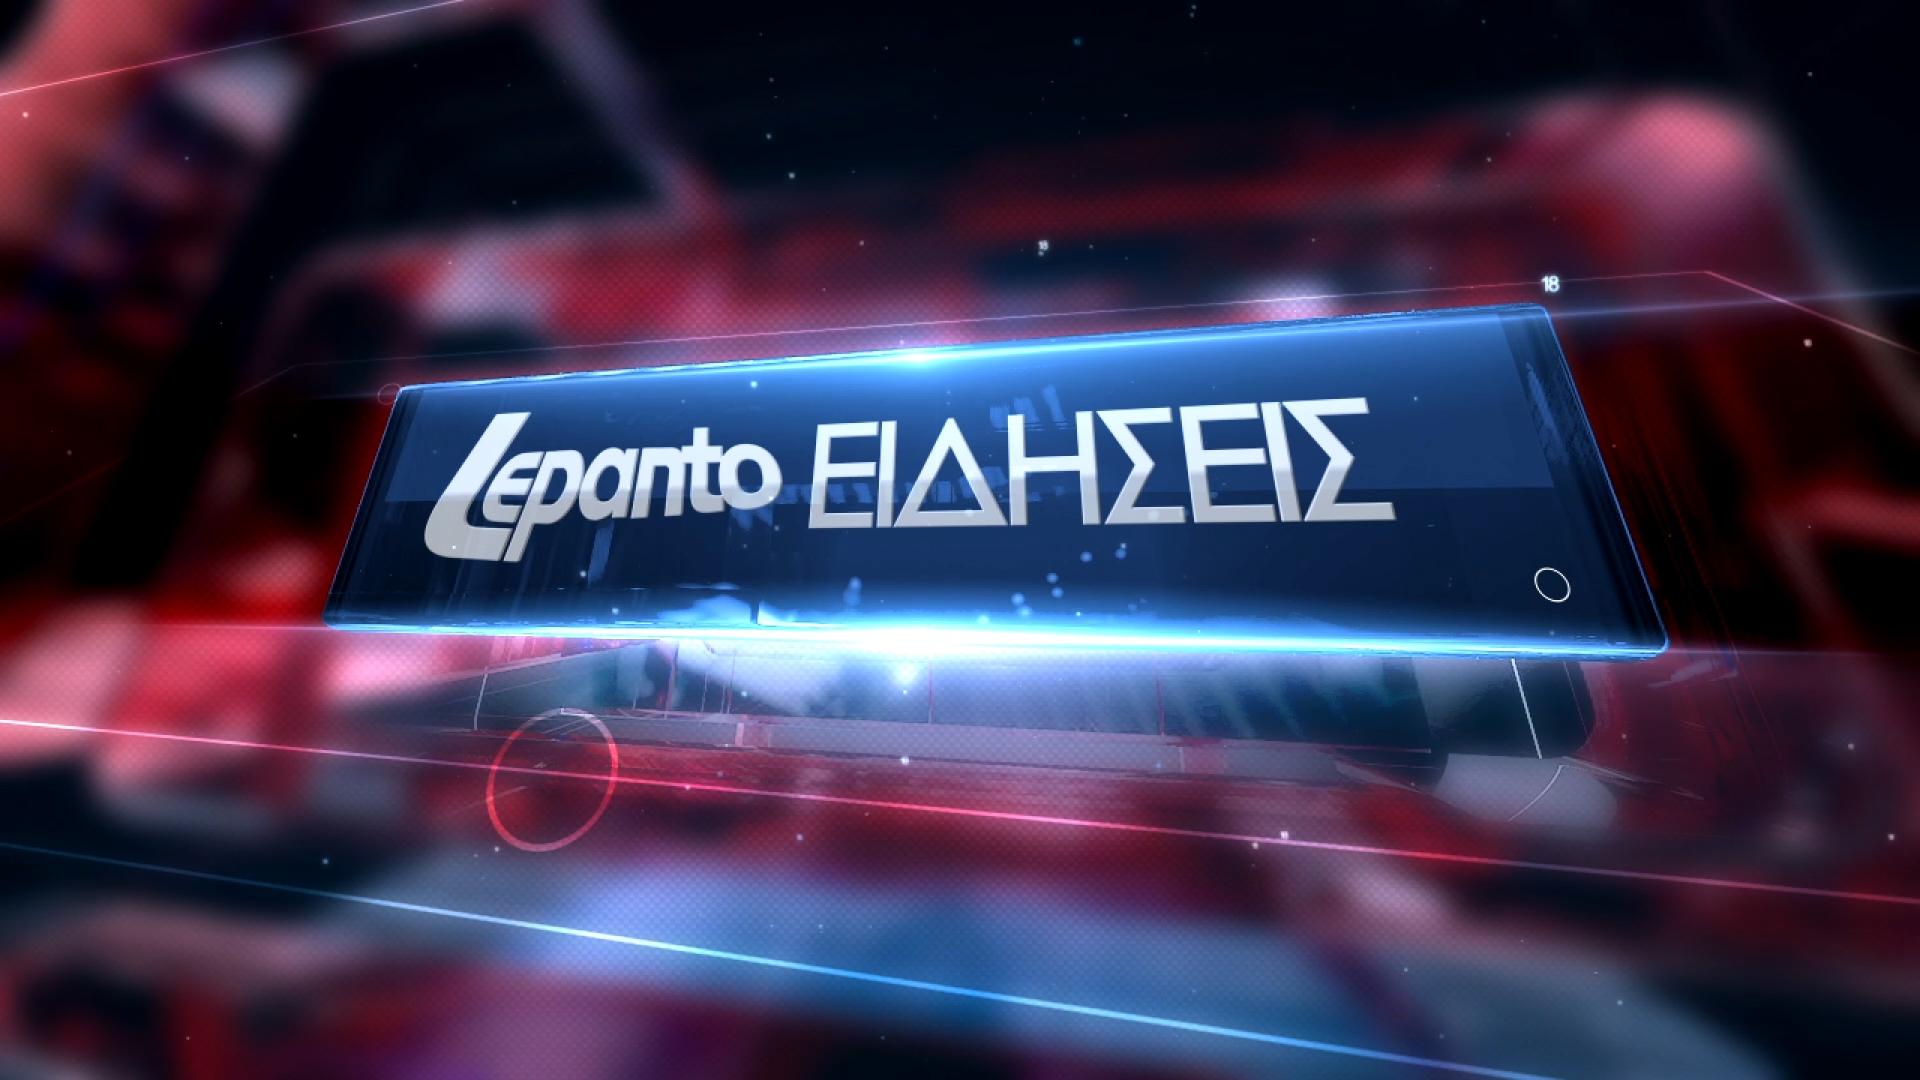 Δείτε το Τρέϊλερ για το ανανεωμένο Κεντρικό Δελτίο Ειδήσεων του Lepanto